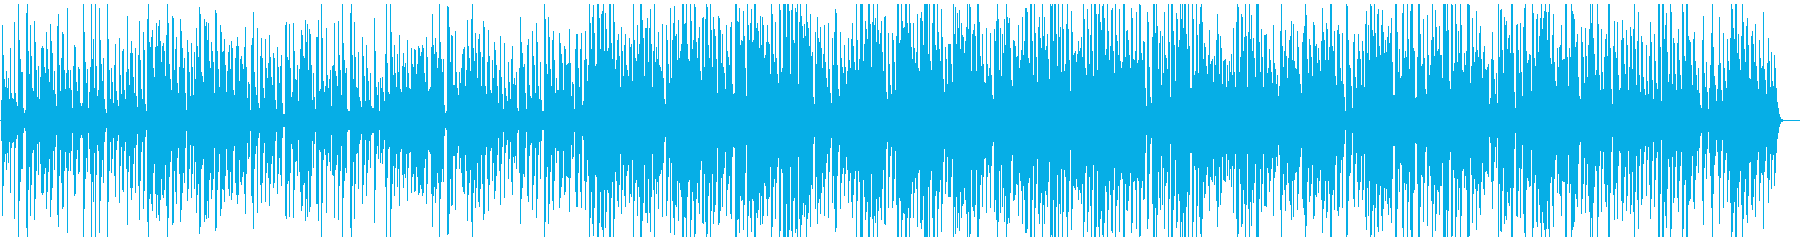 スローテンポの落ち着いたジャズ風BGMの再生済みの波形